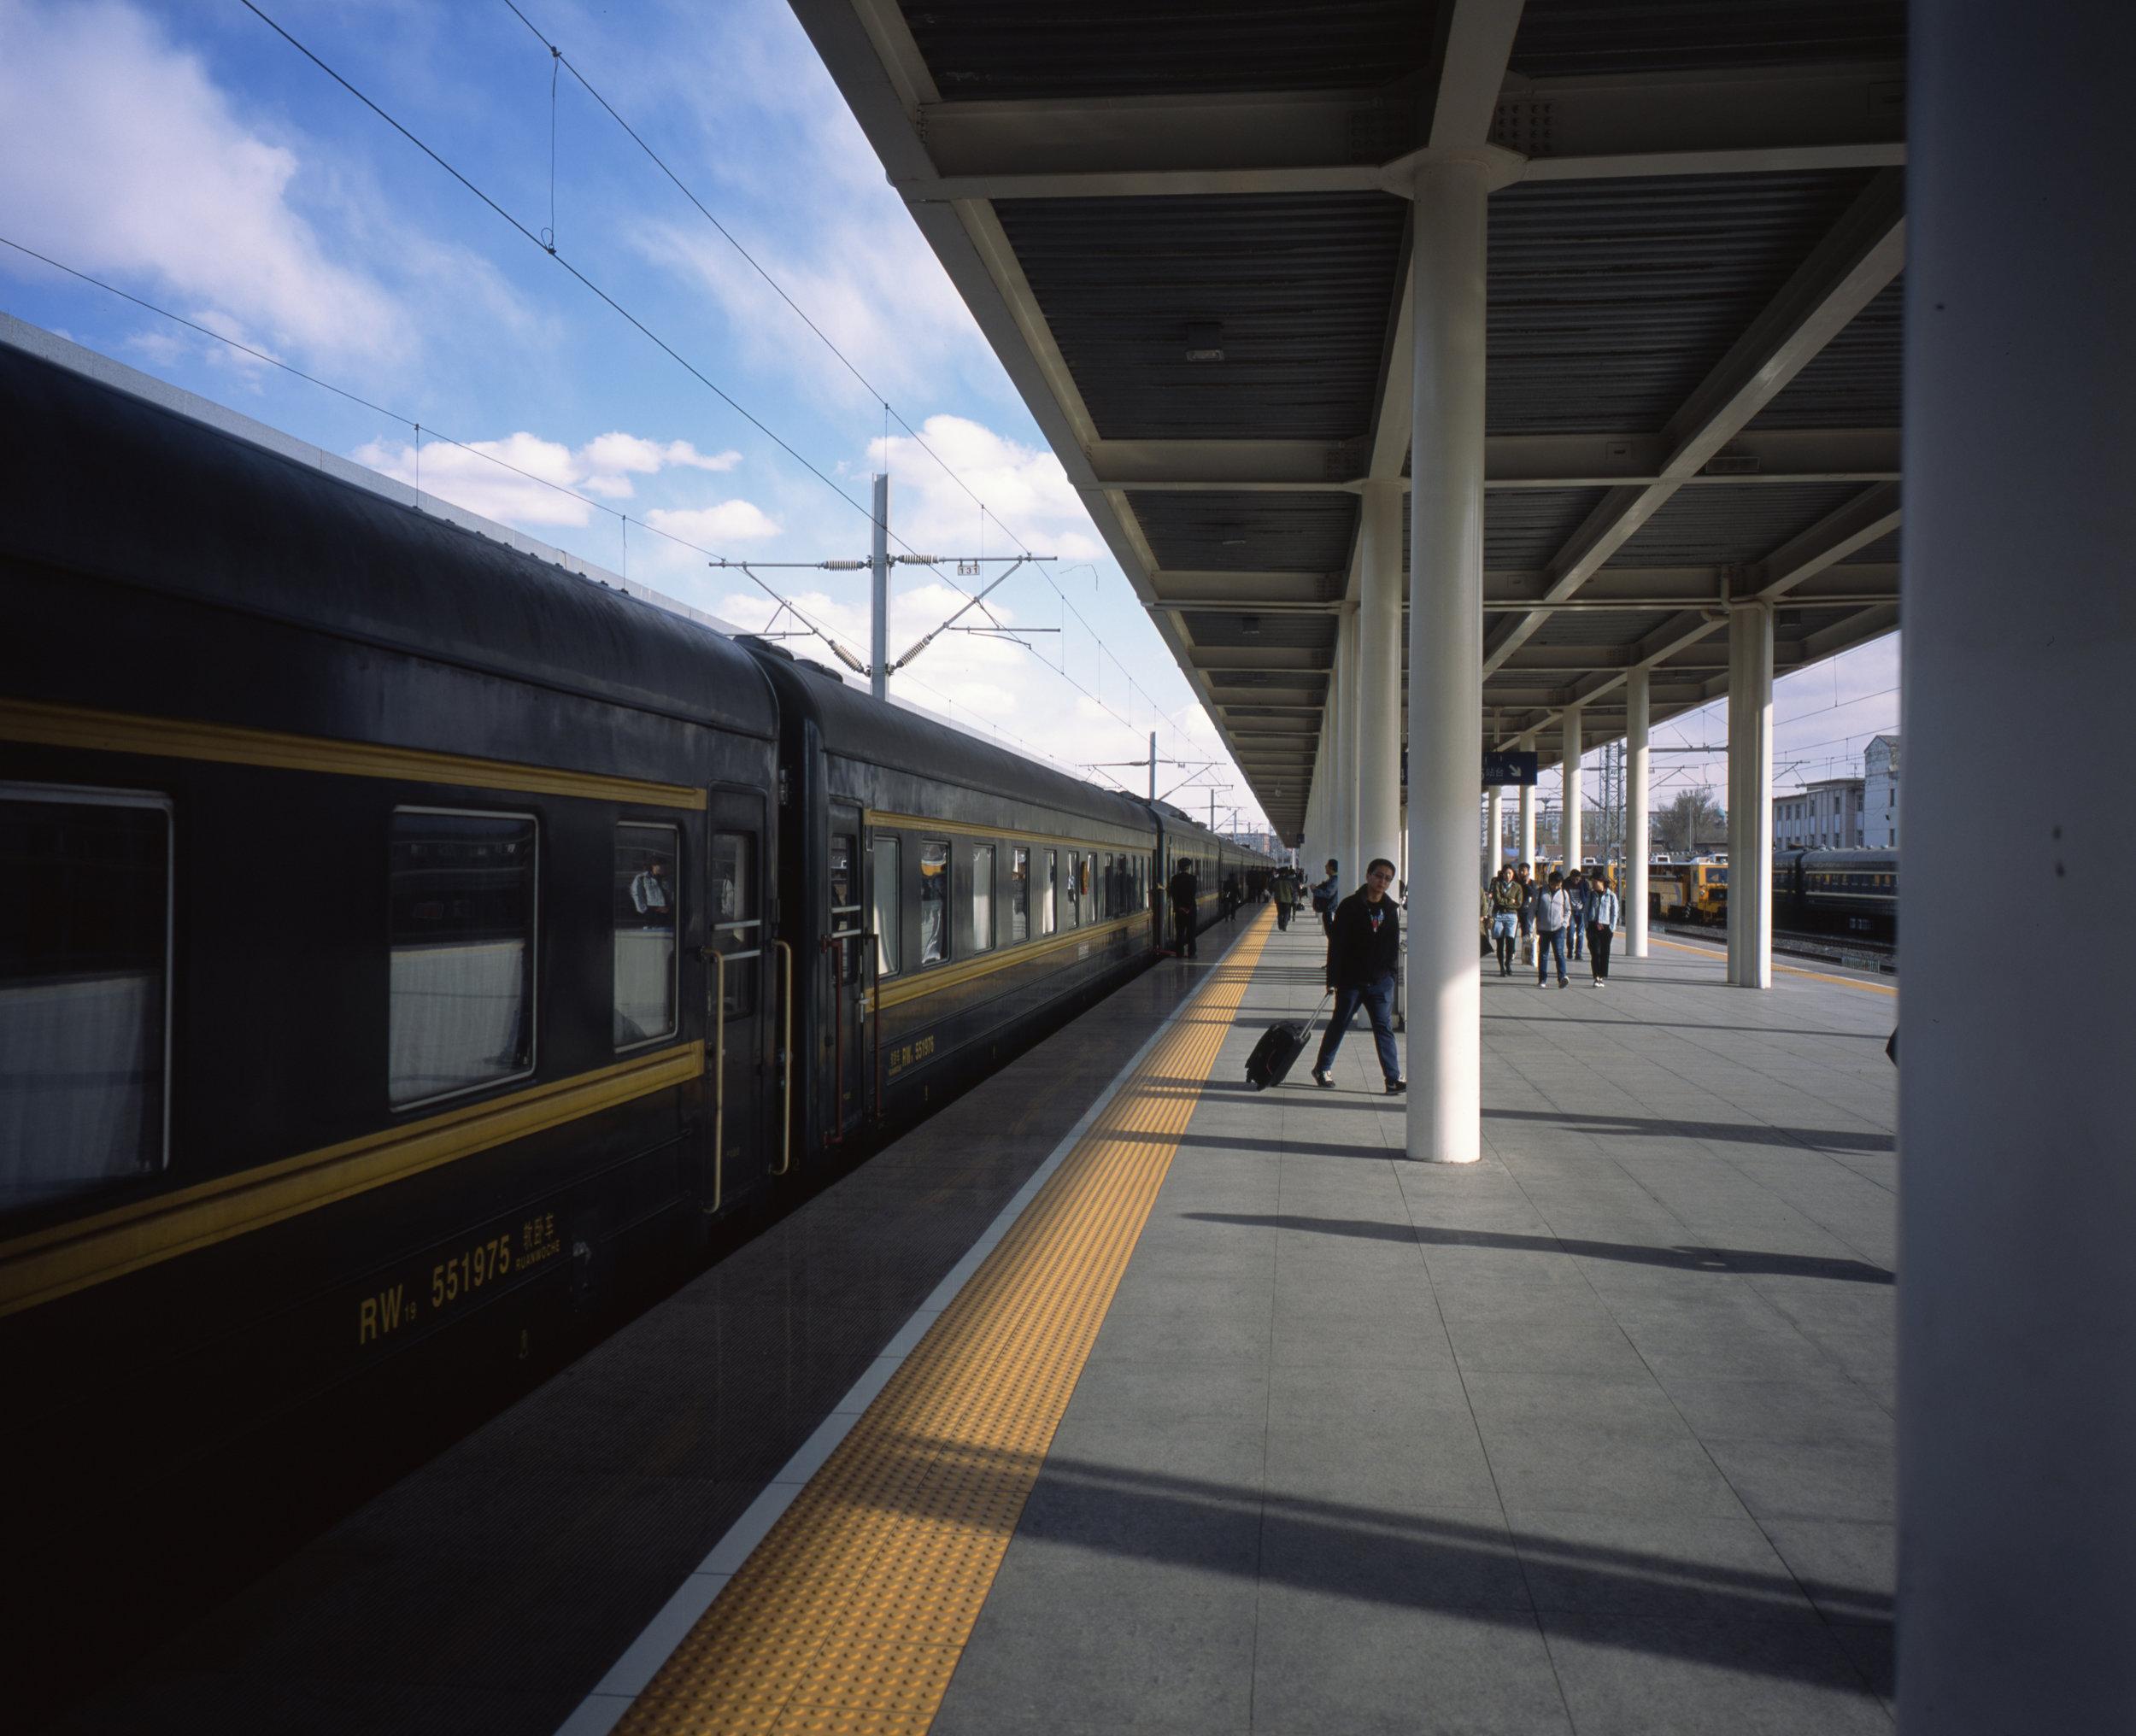 Zhangjiakou Station Fuji GF670w   Fuji Provia 100f